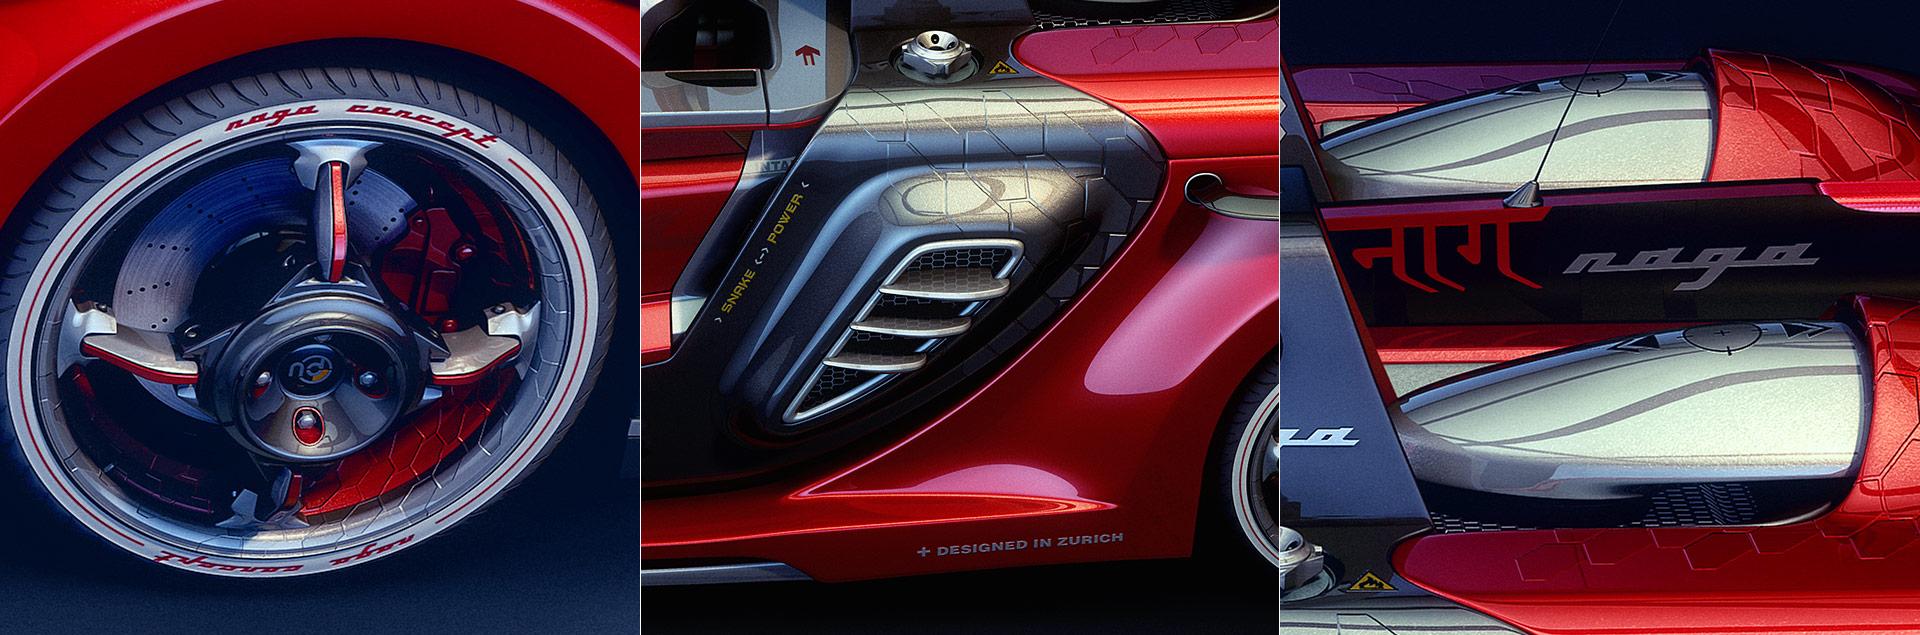 Naga-Concept-Car-Nitin-Design